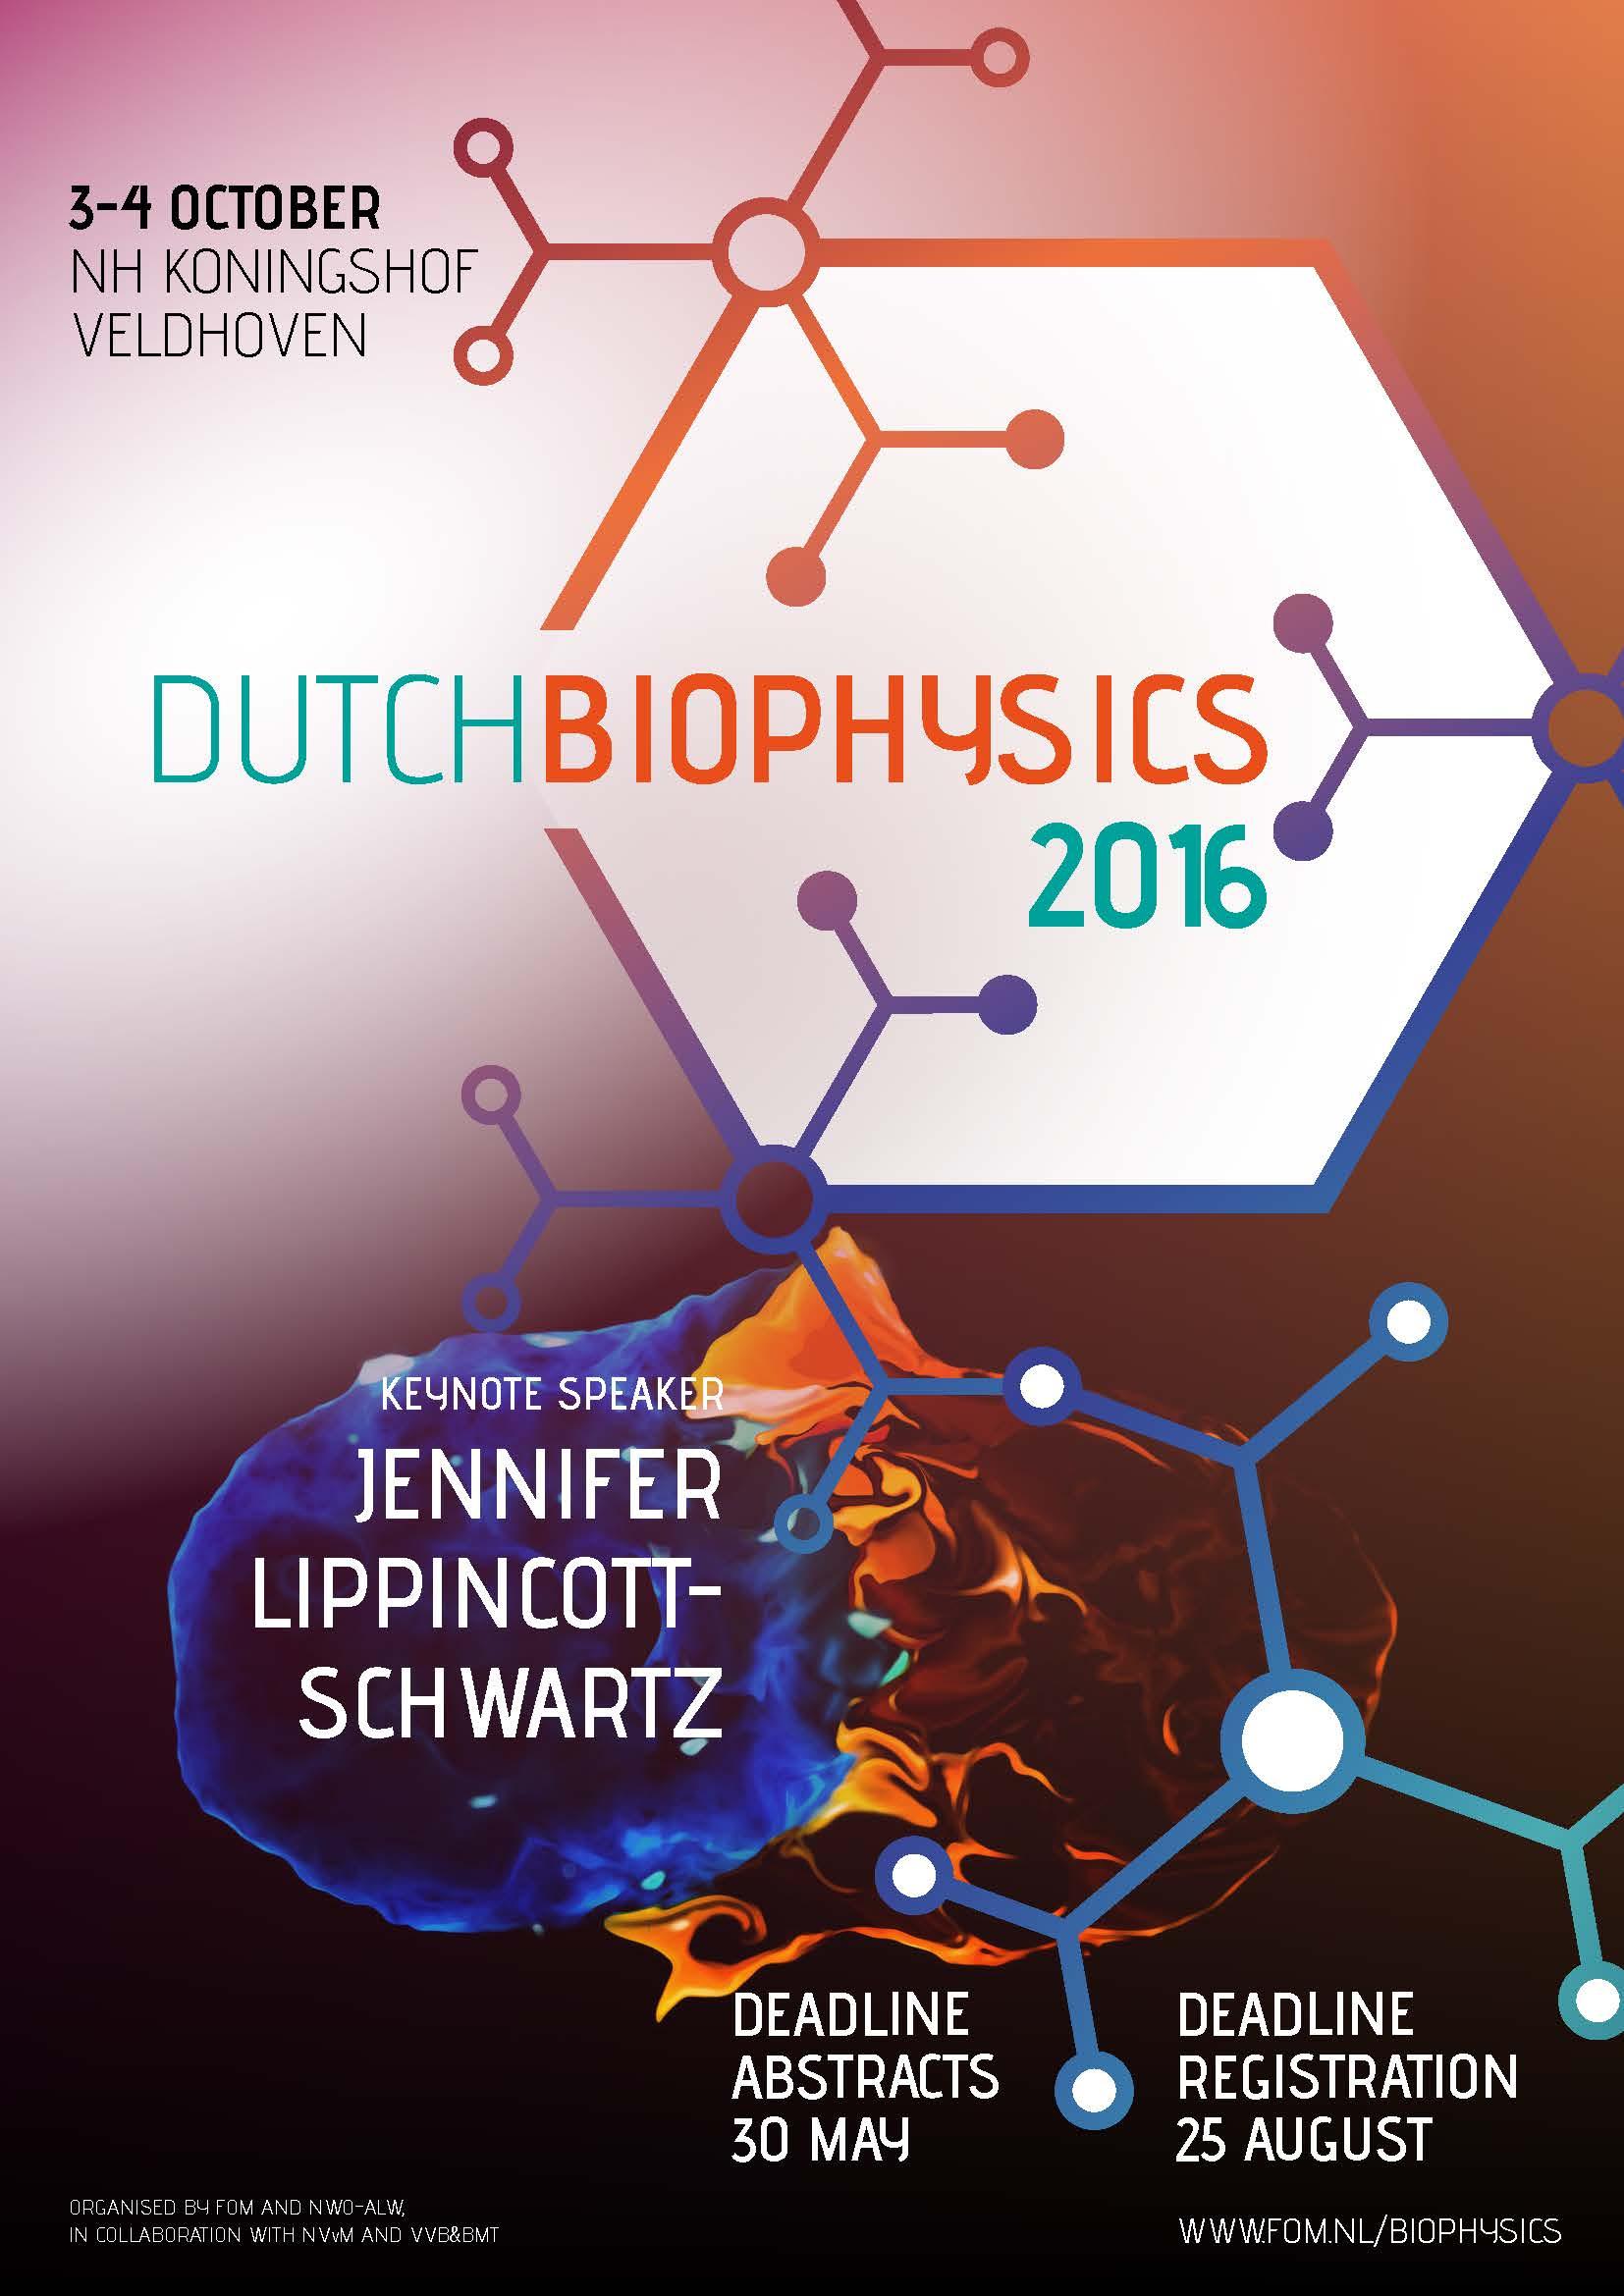 dutchbiophysics-2016